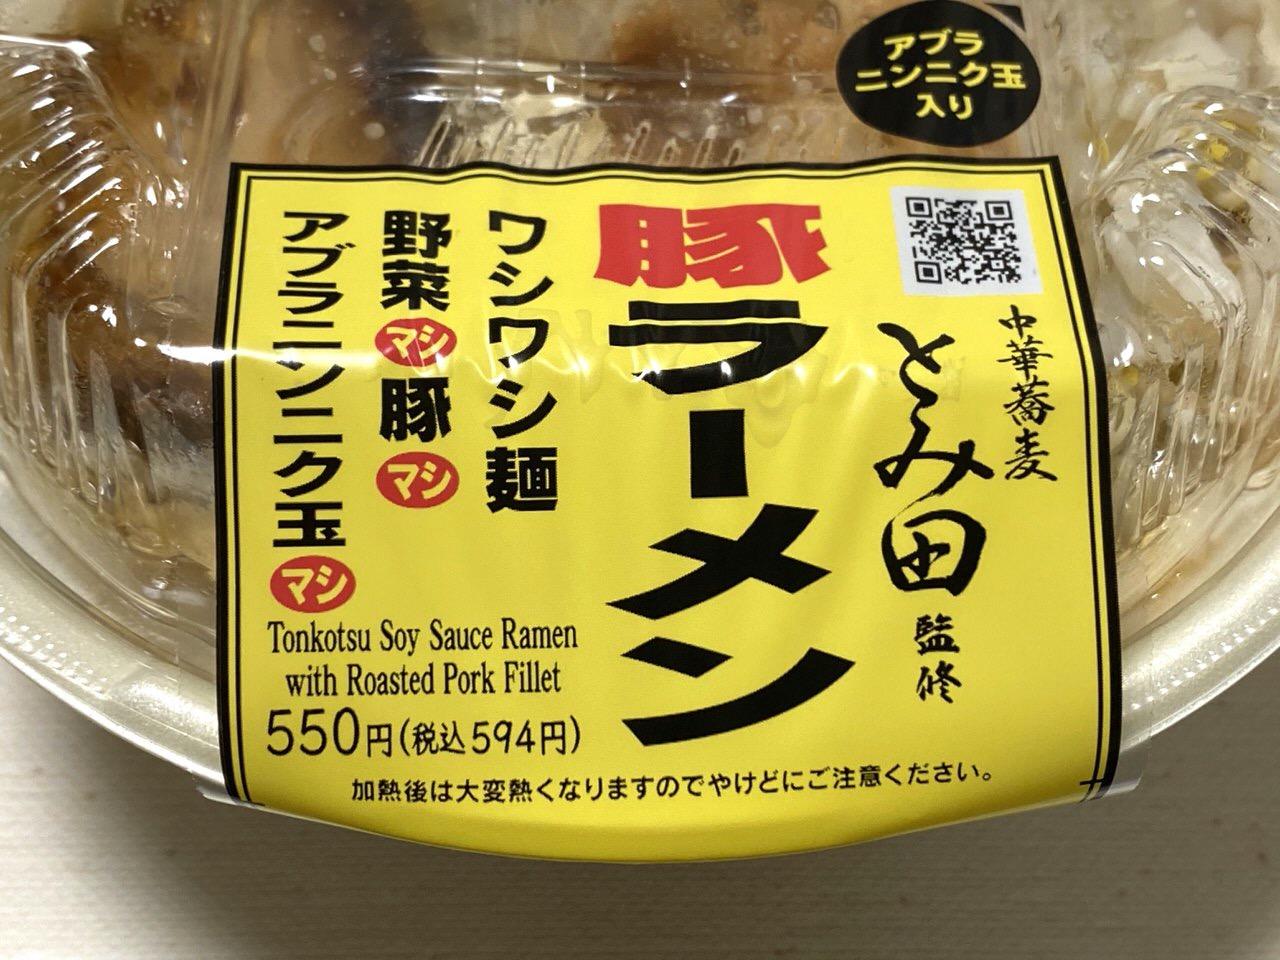 【セブンイレブン】二郎系ラーメン「中華蕎麦 とみ田監修 豚ラーメン」2